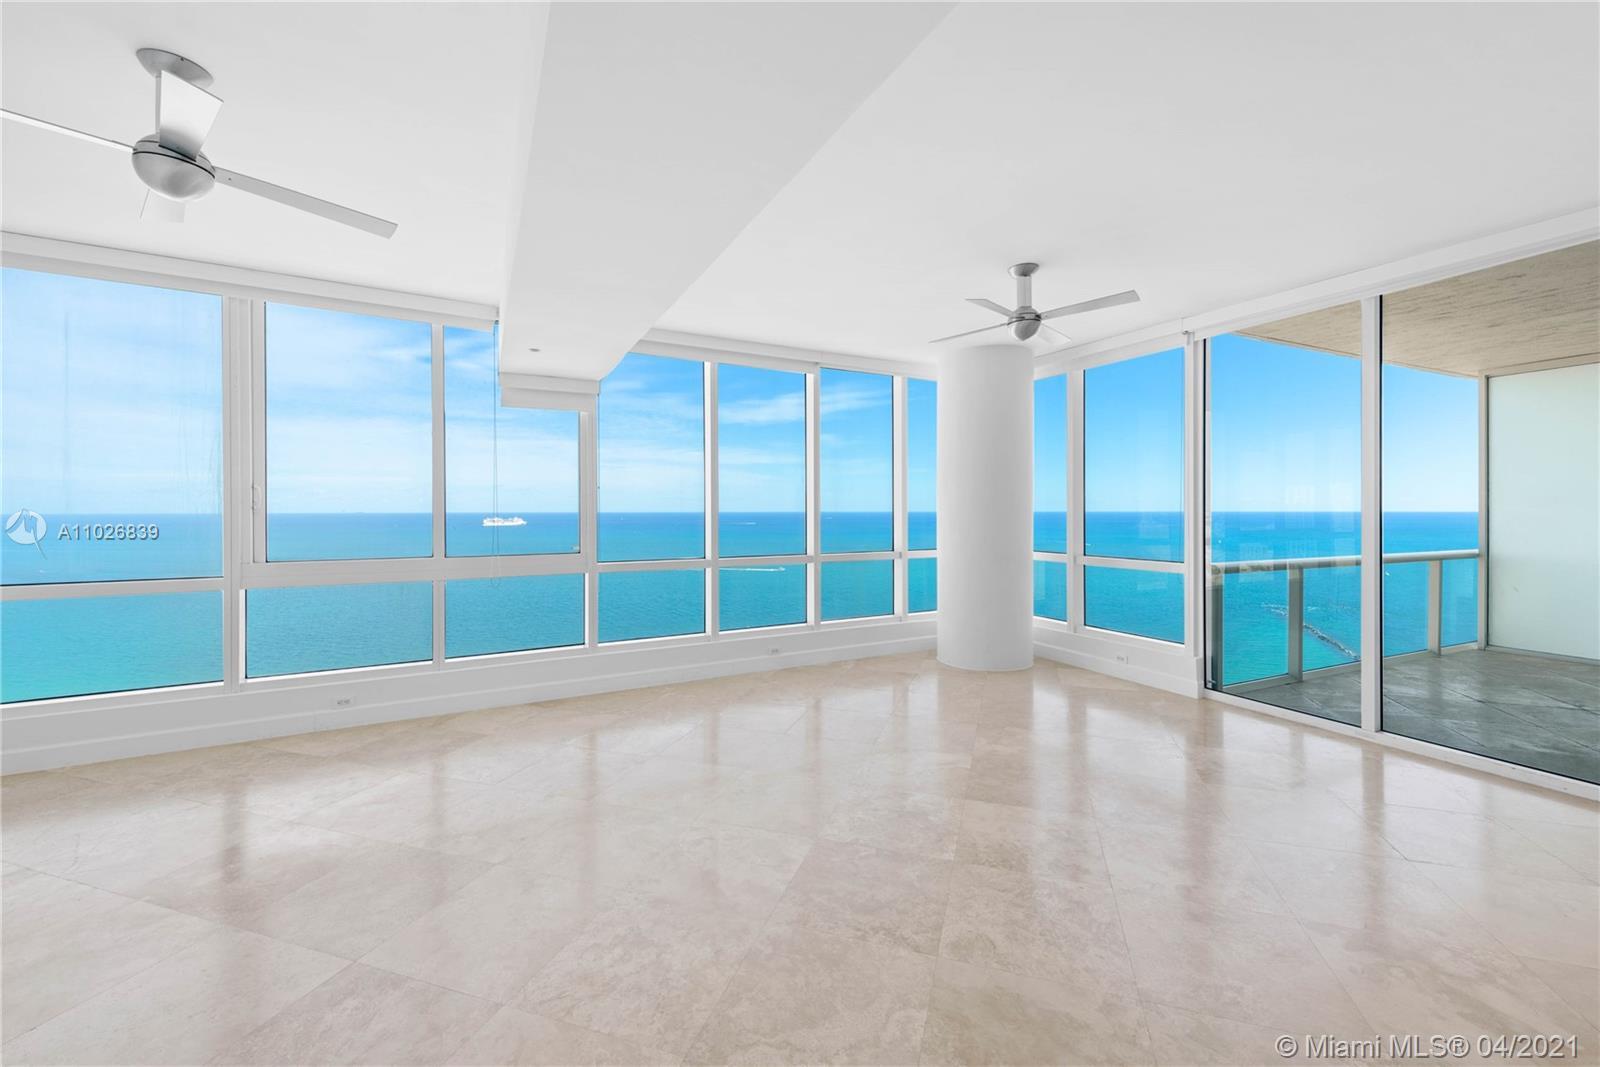 Continuum South #3905 - 100 S Pointe Dr #3905, Miami Beach, FL 33139